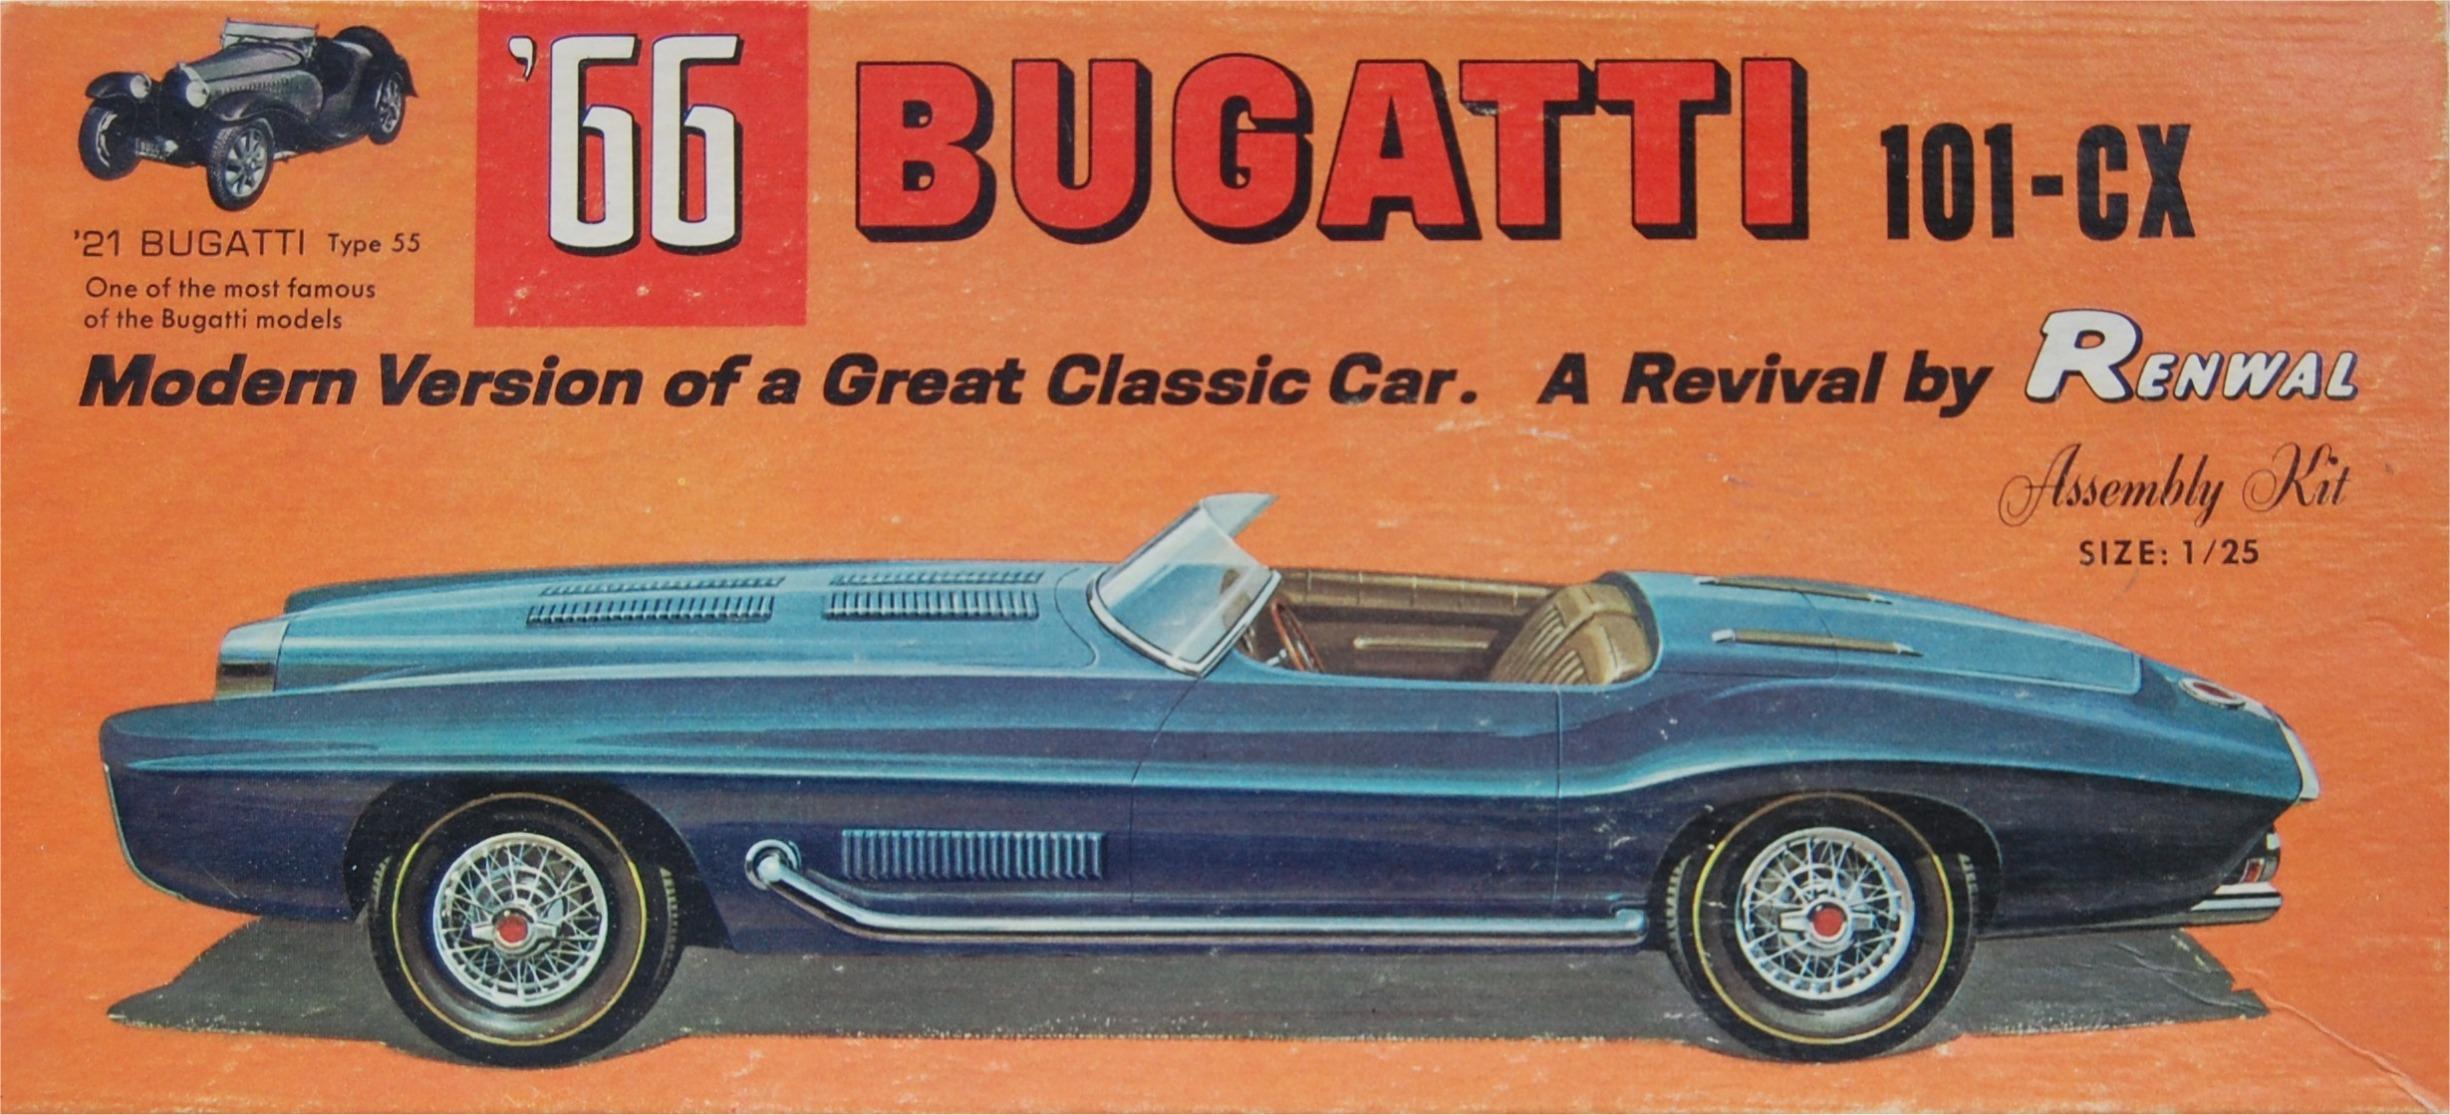 Renwal_Bugatti-size.jpg